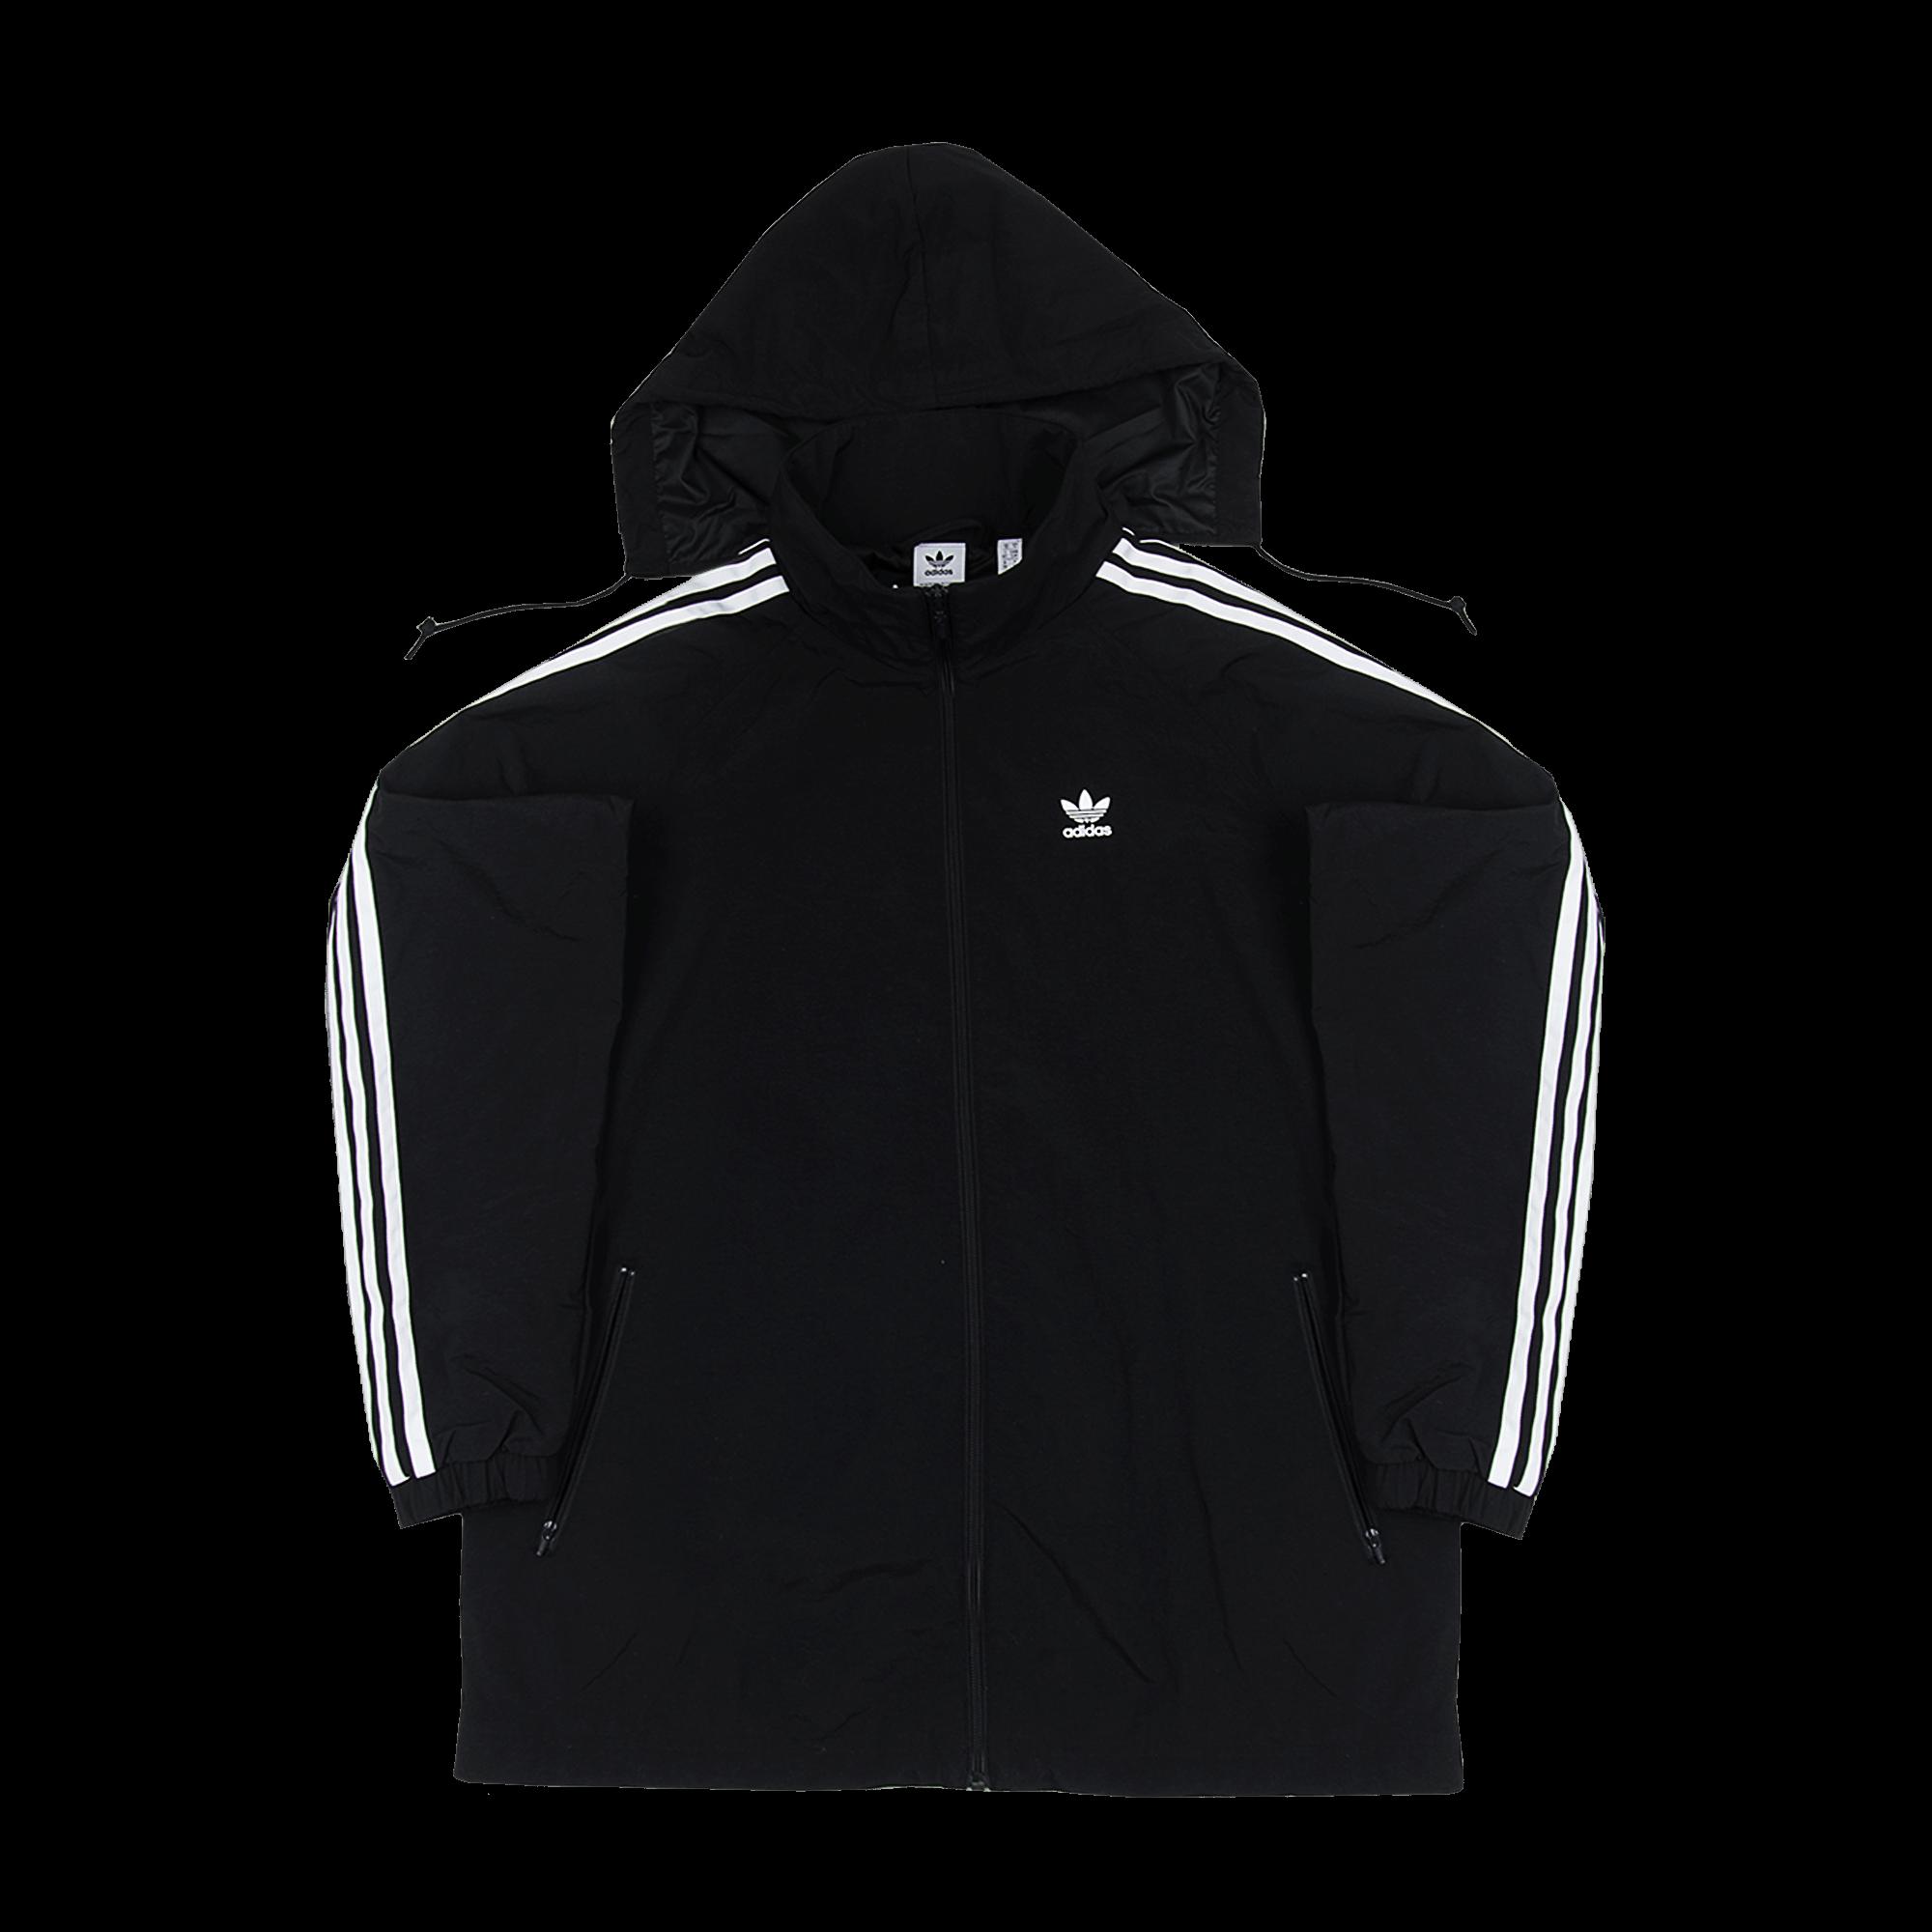 adidas Stadium JKT black - Sweatshirts  9abfdfb722